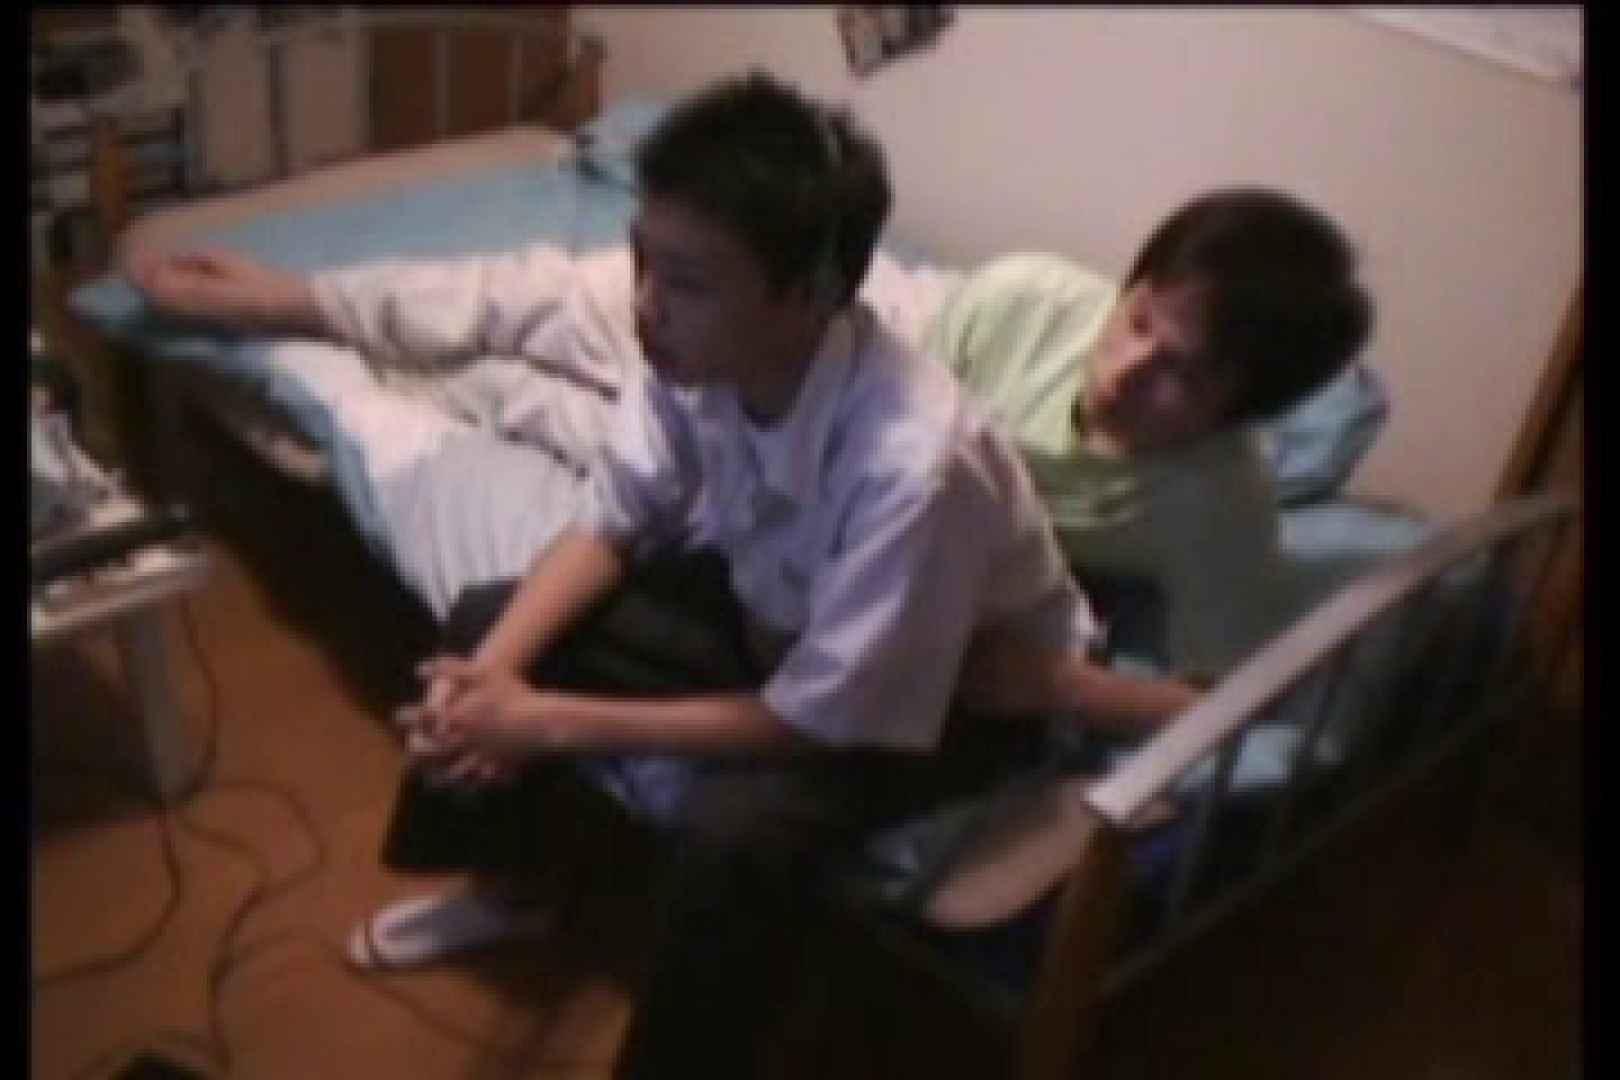 【実録投稿】友達覗撮In my room!! 射精  102pic 26